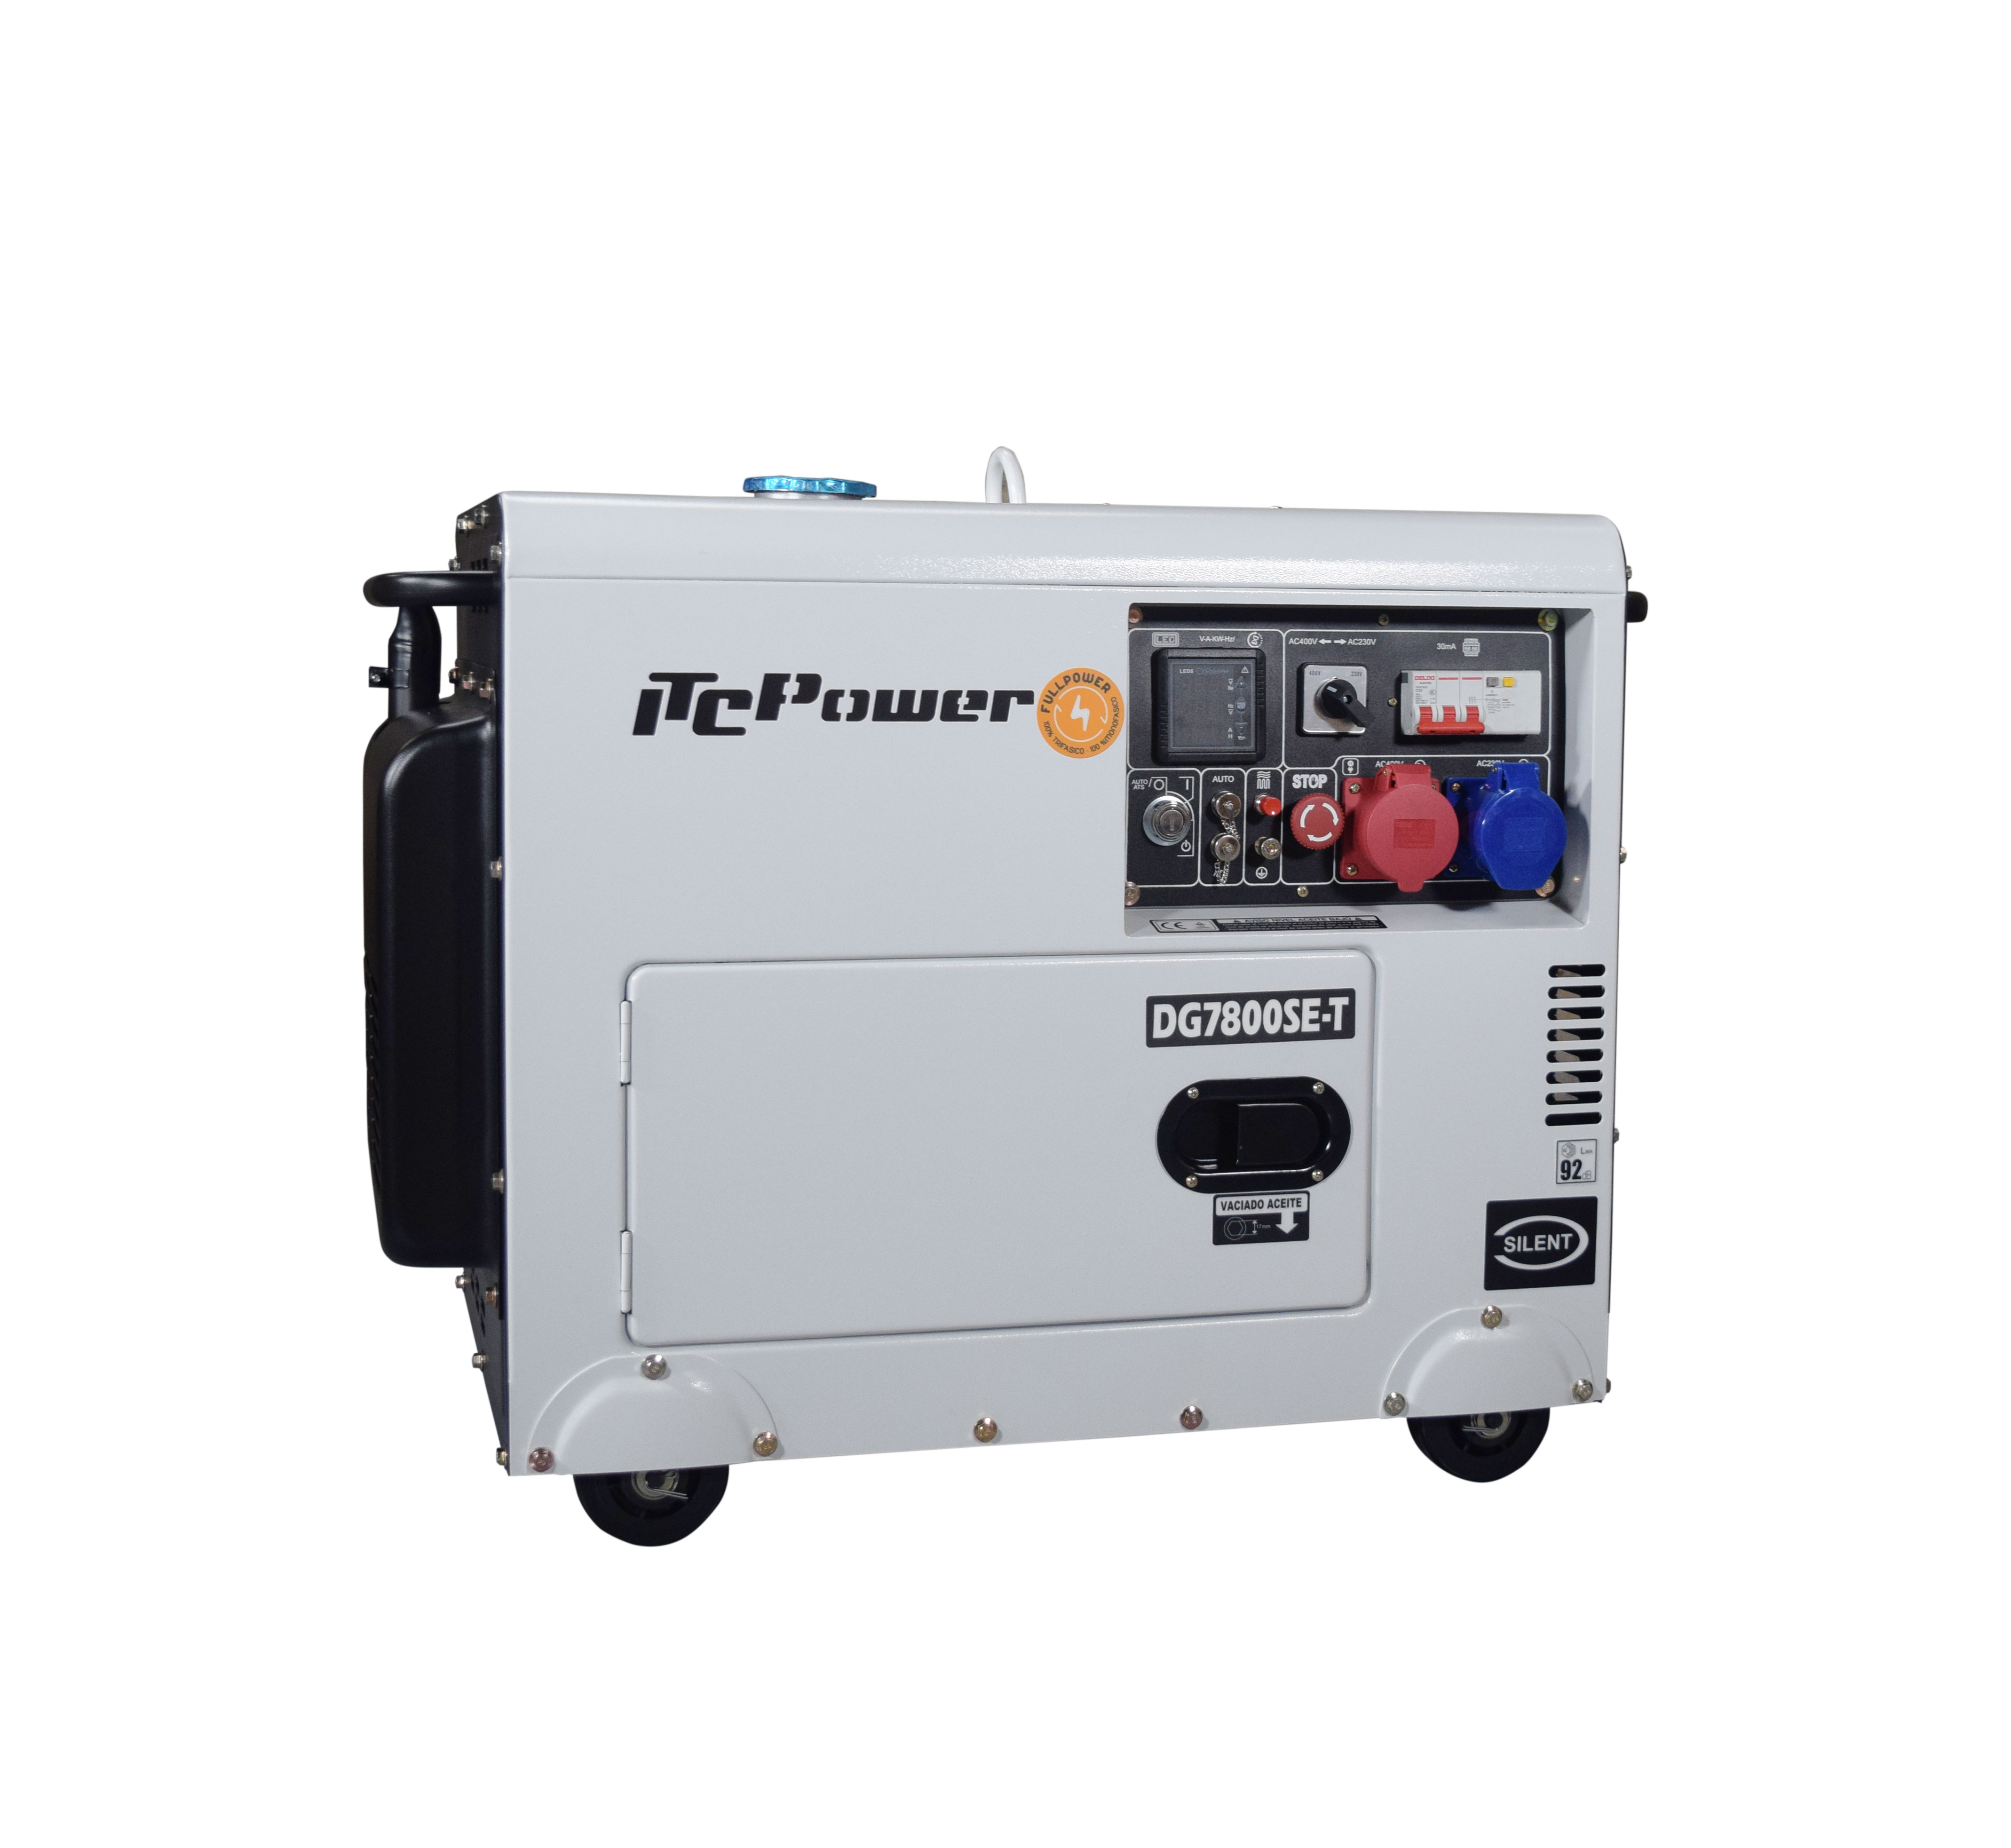 VORVERKAUF!!! ITC POWER Full Power 8 kVA Diesel DG7800SE-T 230&400 Stromaggregat